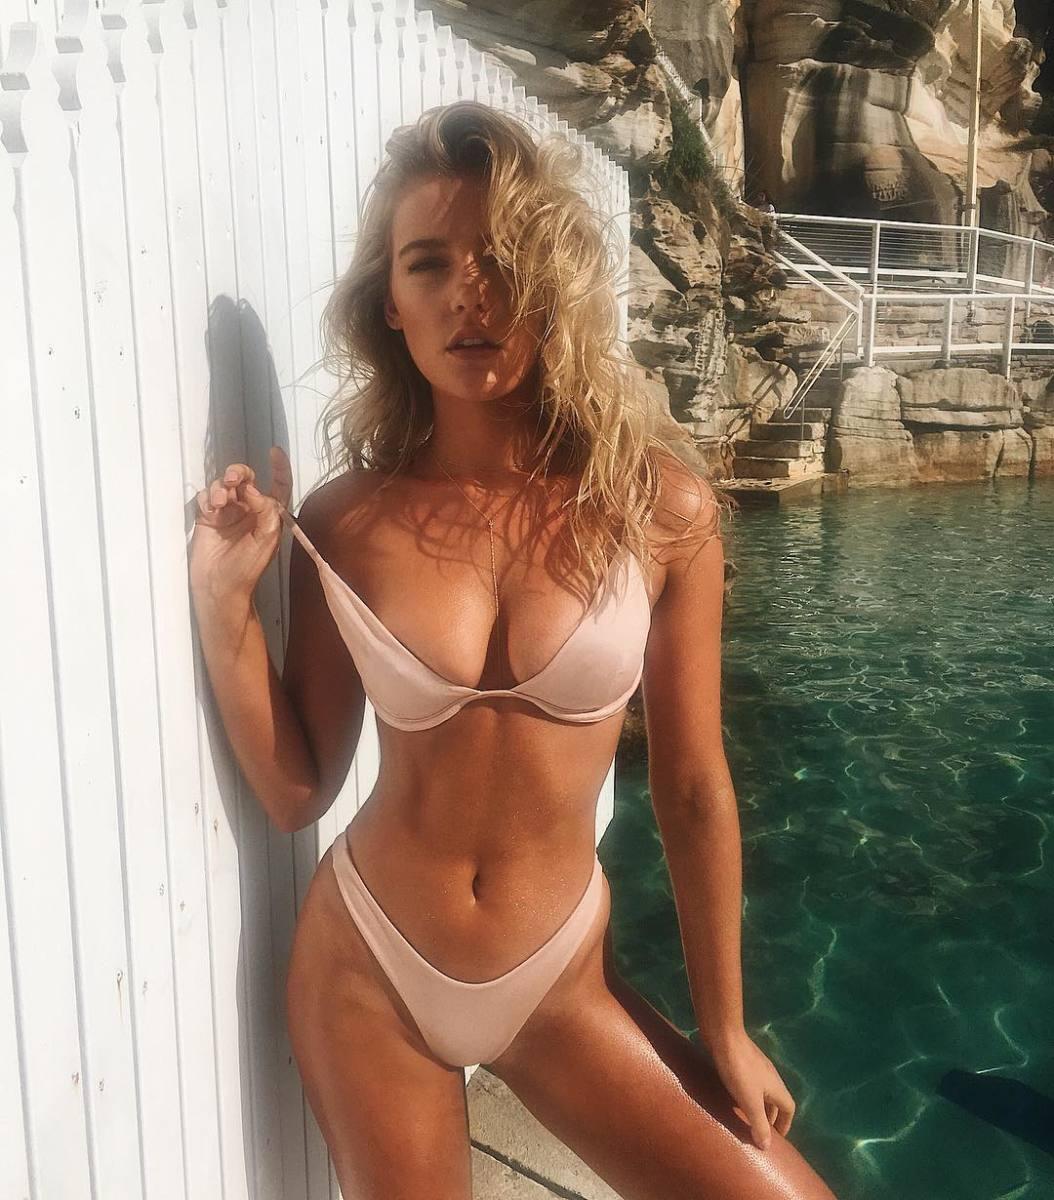 georgia-gibbs-instagram21.jpg